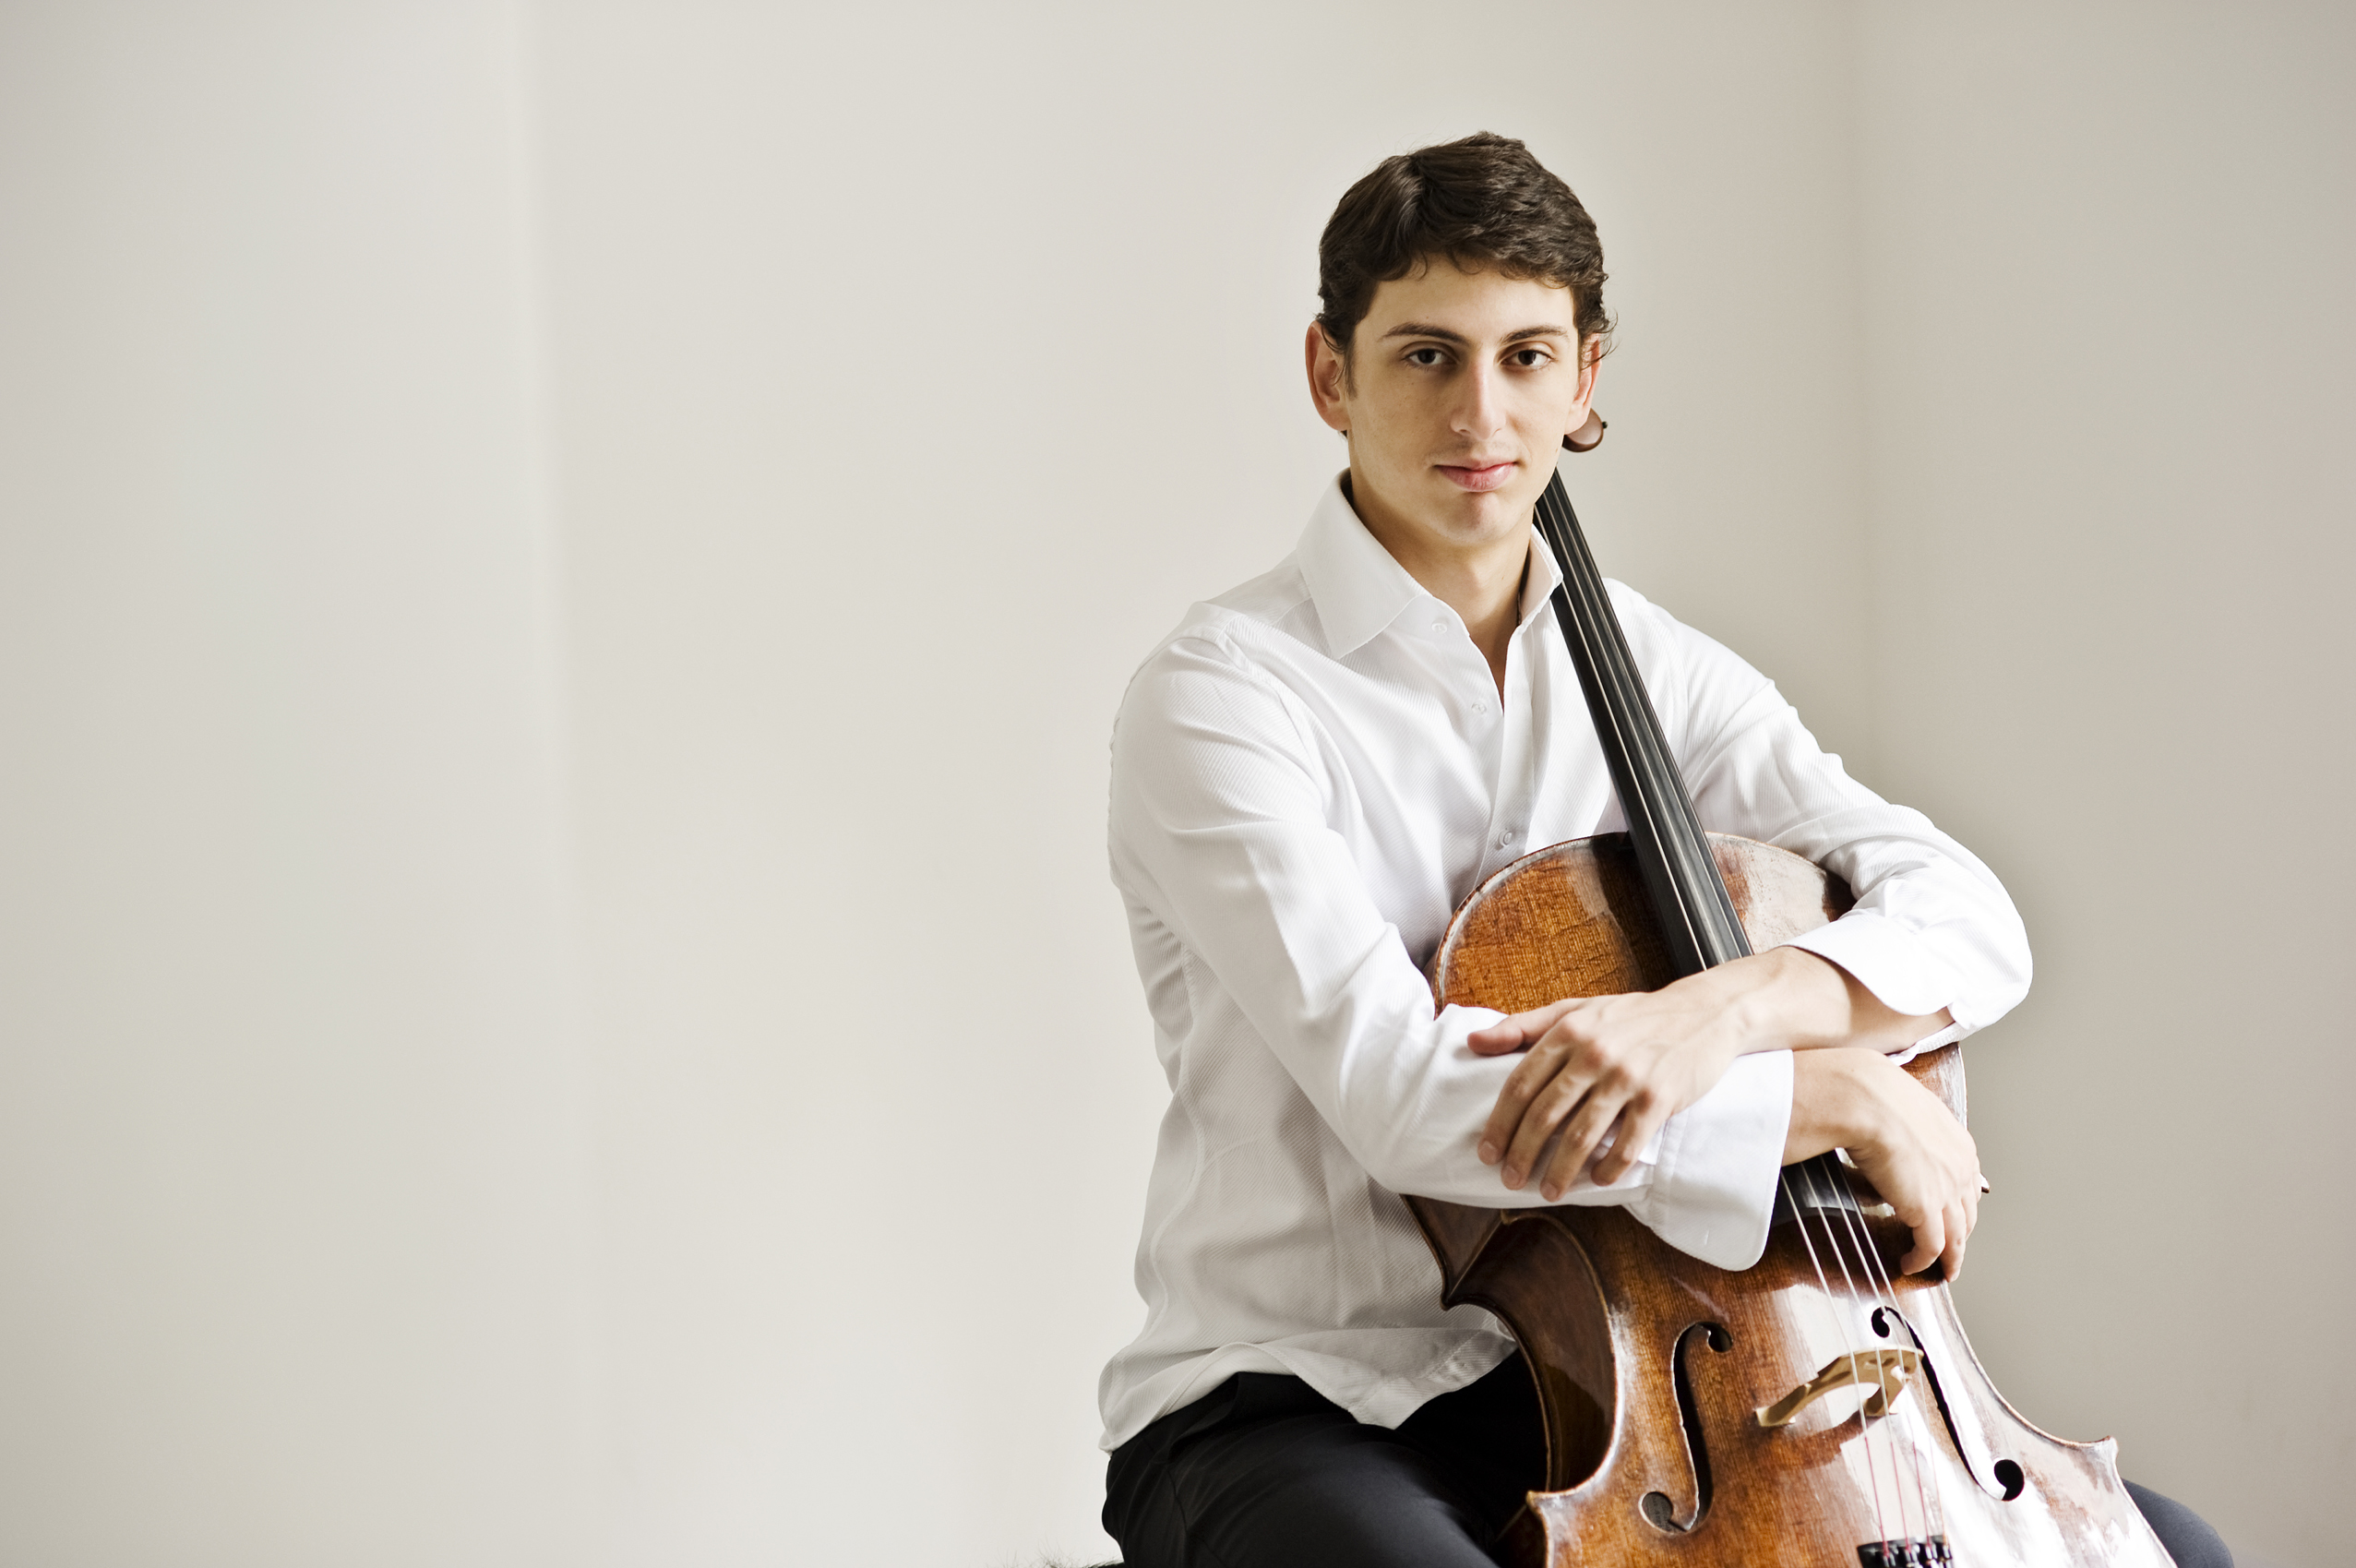 Narek Hakhnazaryan